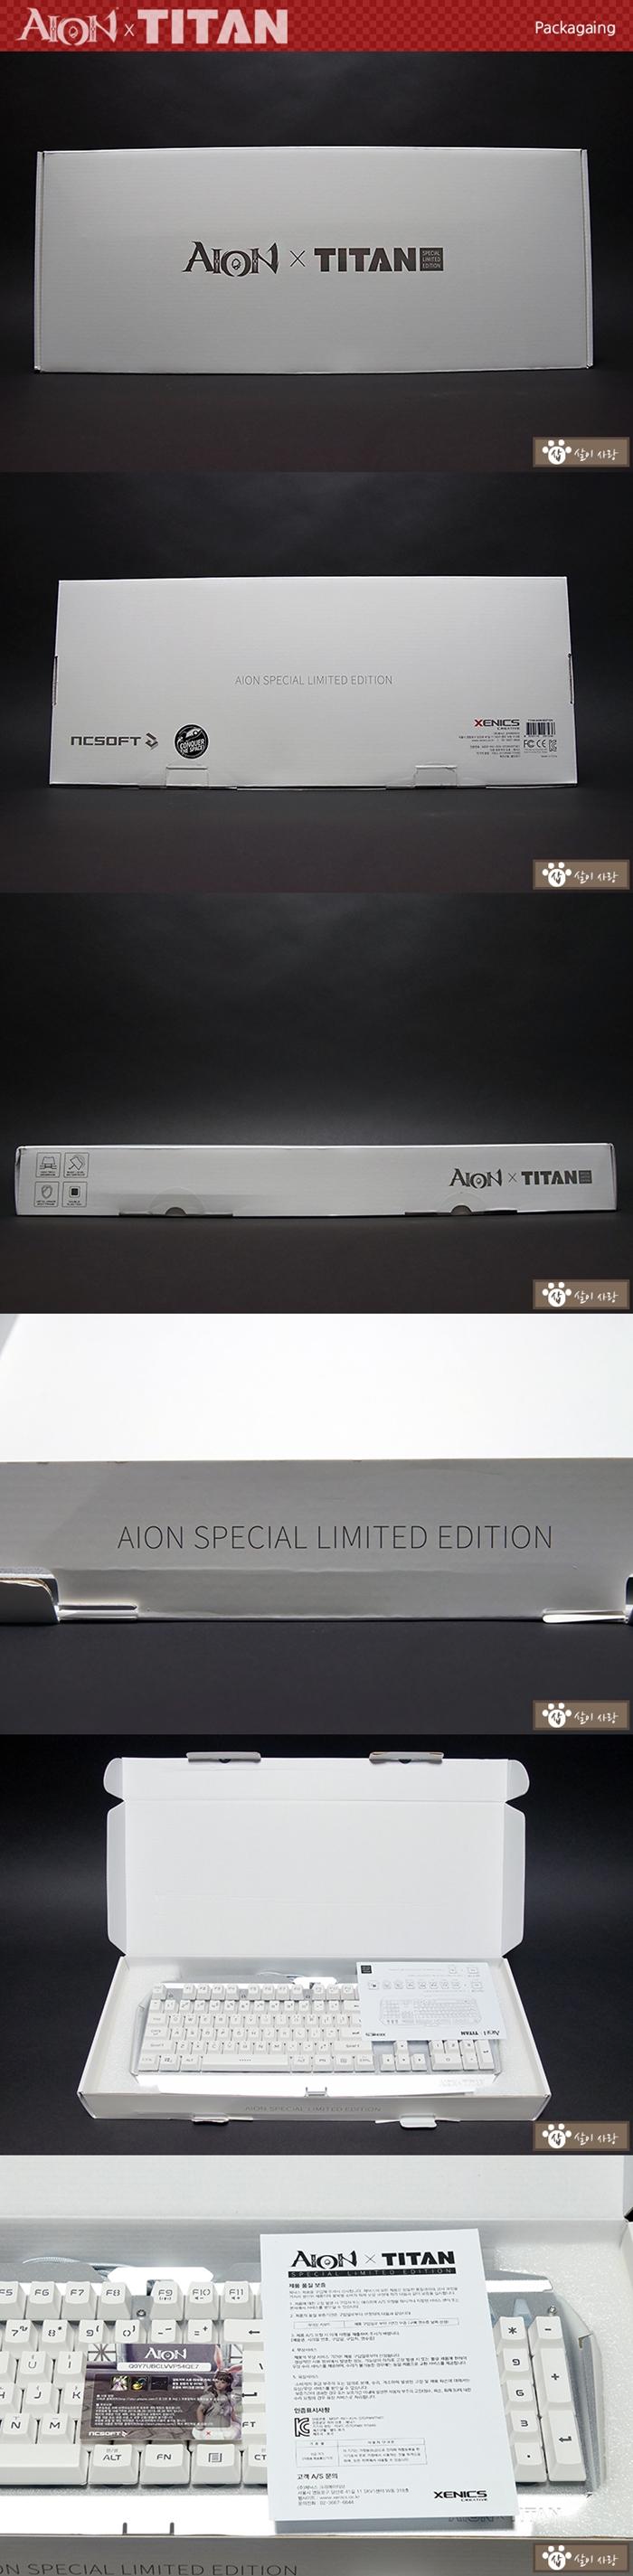 제닉스 패키징 STORMX TITAN 아이온 스폐셜 에디션 .jpg